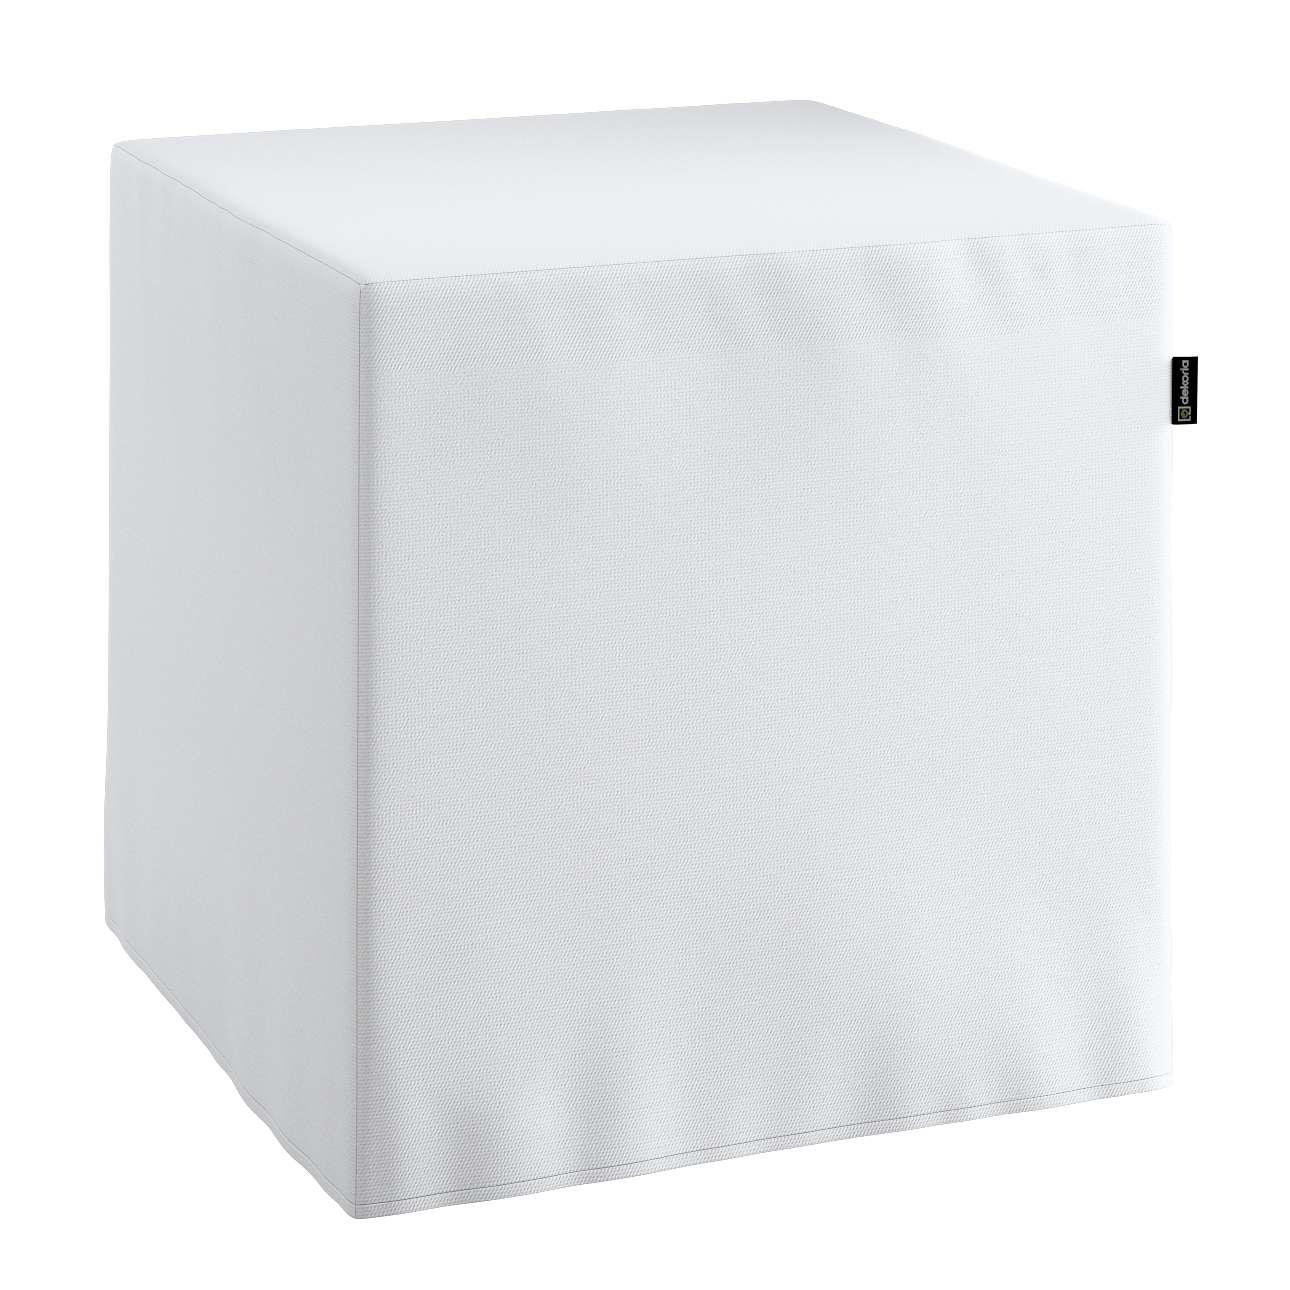 Pokrowiec na pufę kostke kostka 40x40x40 cm w kolekcji Loneta, tkanina: 133-02